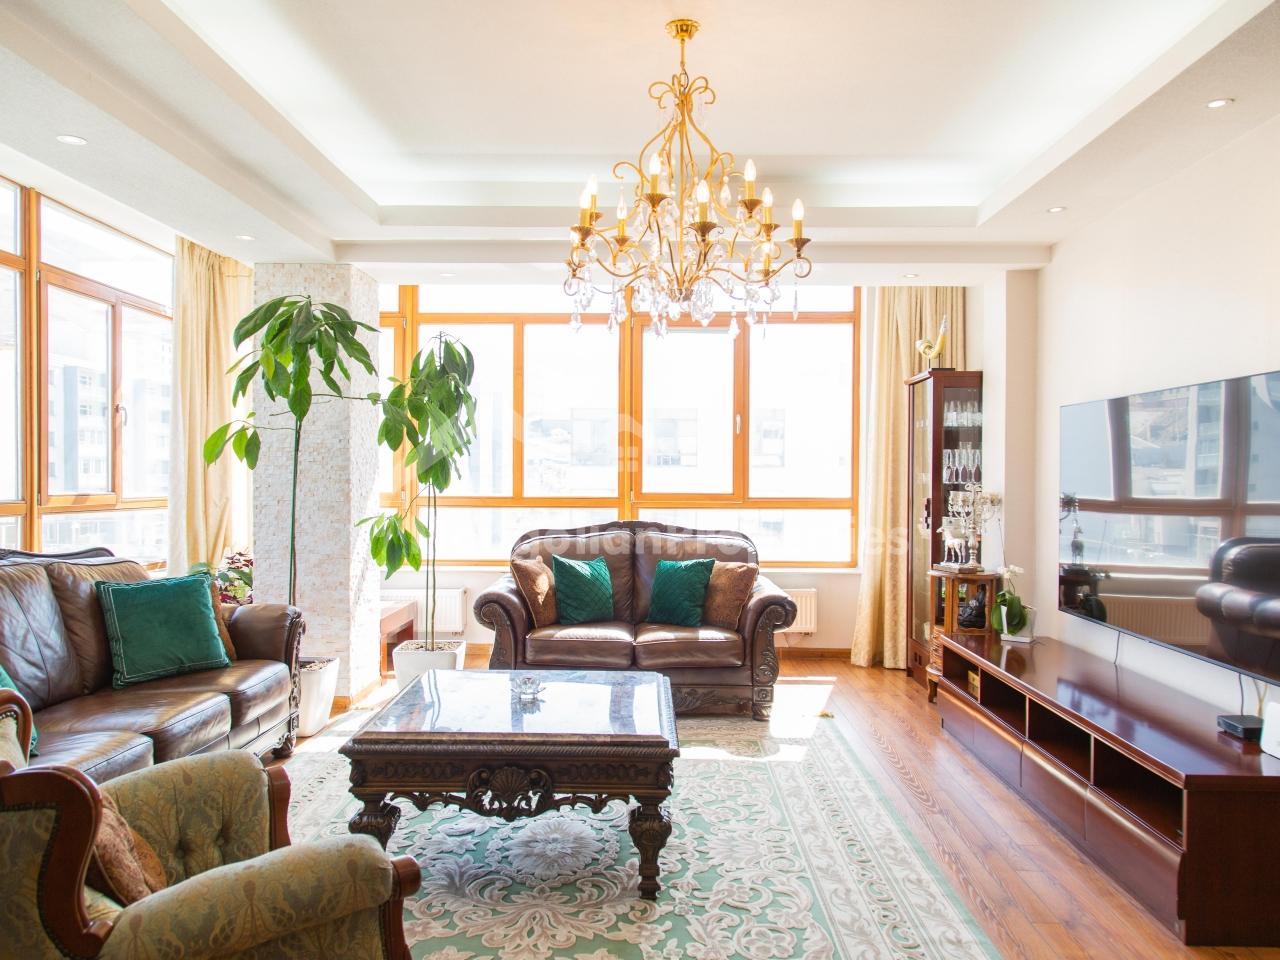 FOR SALE: Comfortable 3 bedroom apartment at Blue Sky town / Zaisan area / Зайсанд тохилог 6 өрөө байр тавилгатай худалдана